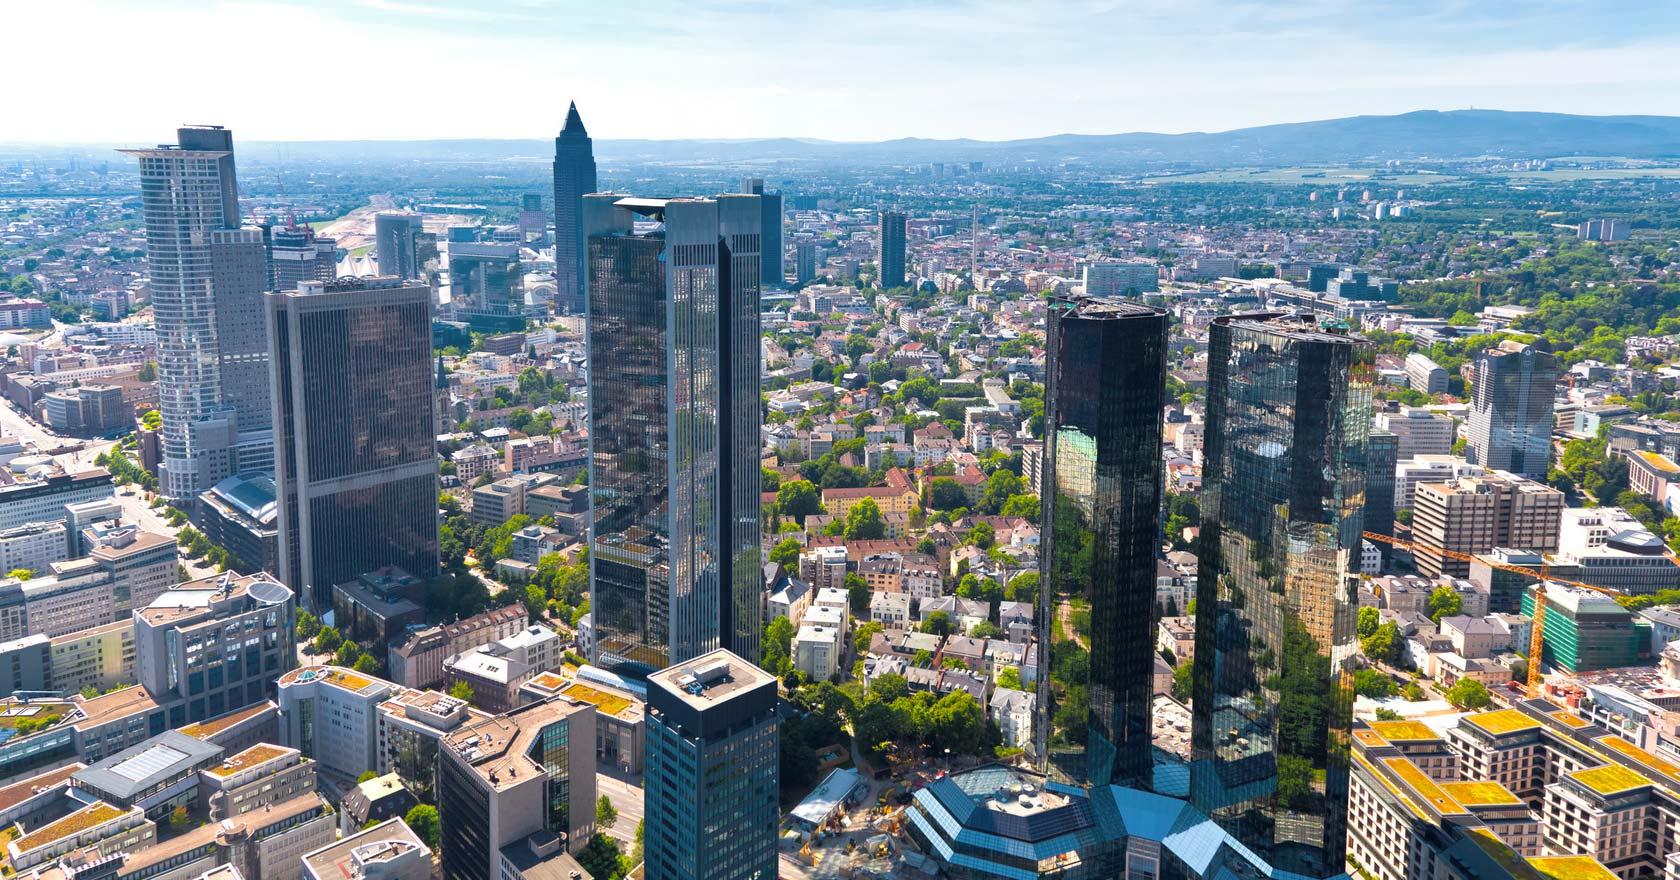 HQ Frankfurt Wallpapers | File 328.26Kb